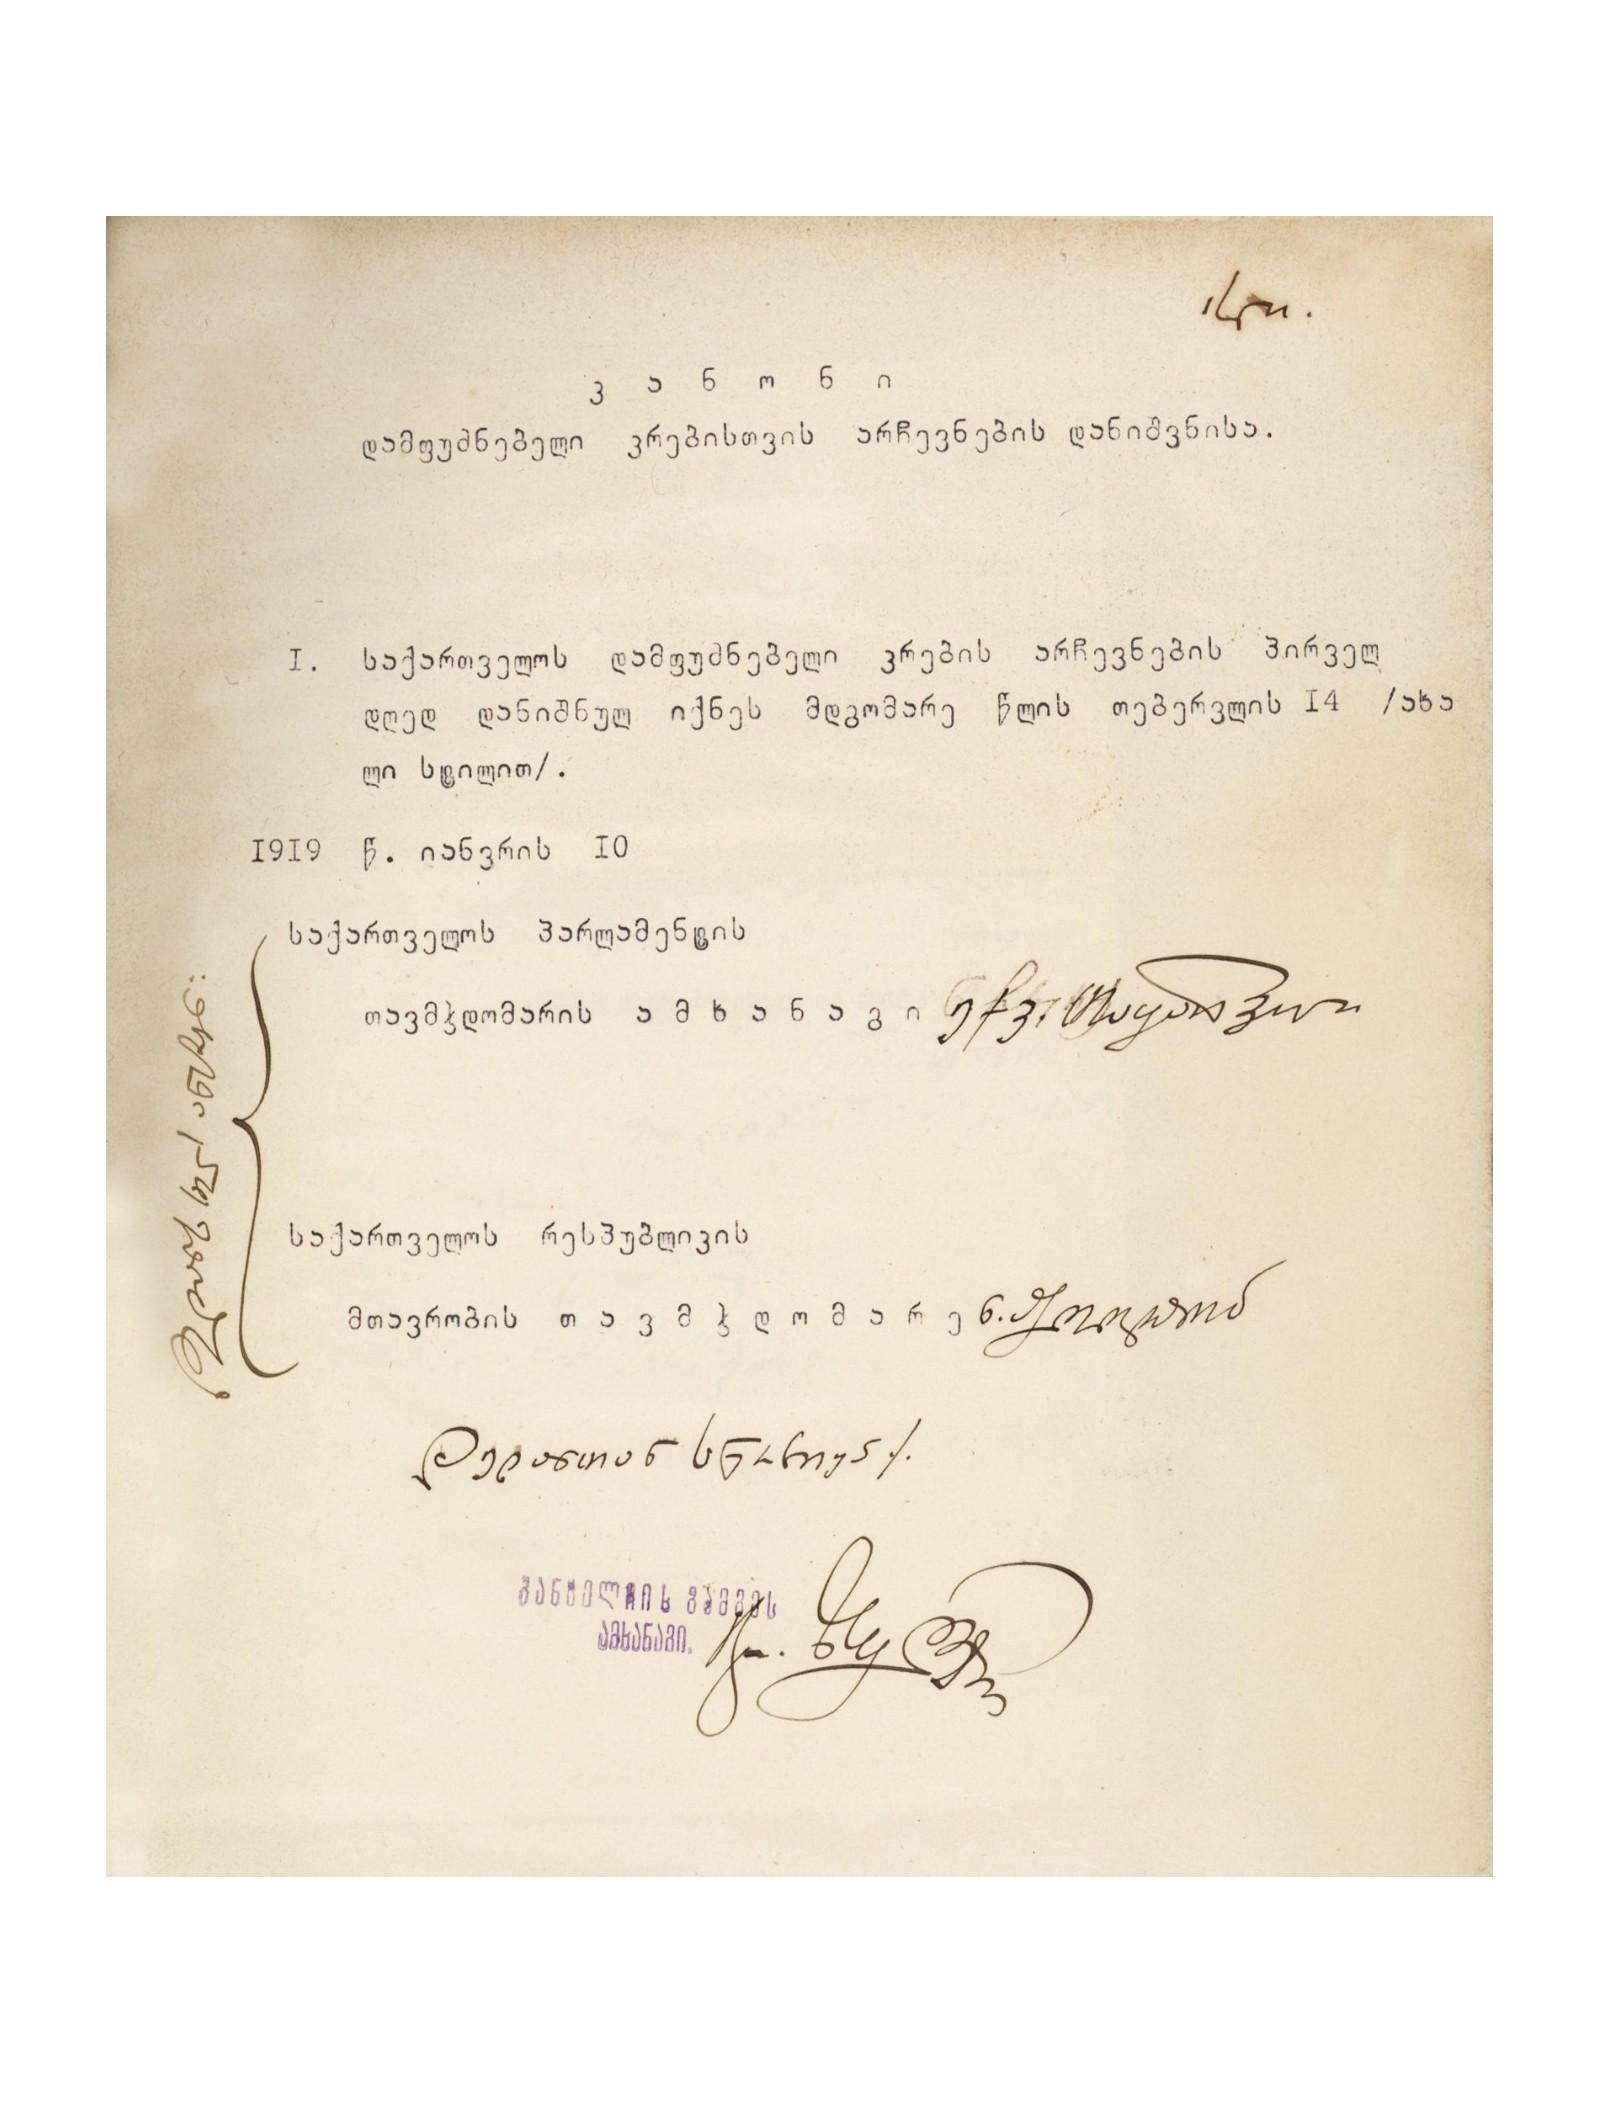 კანონი დამფუძნებელი კრების არჩევნების დანიშნვისა. <br> 1919 წლის 10 იანვარი. <br> Law on the appointment of the Constituent Assembly elections. <br> 10 January 1919.